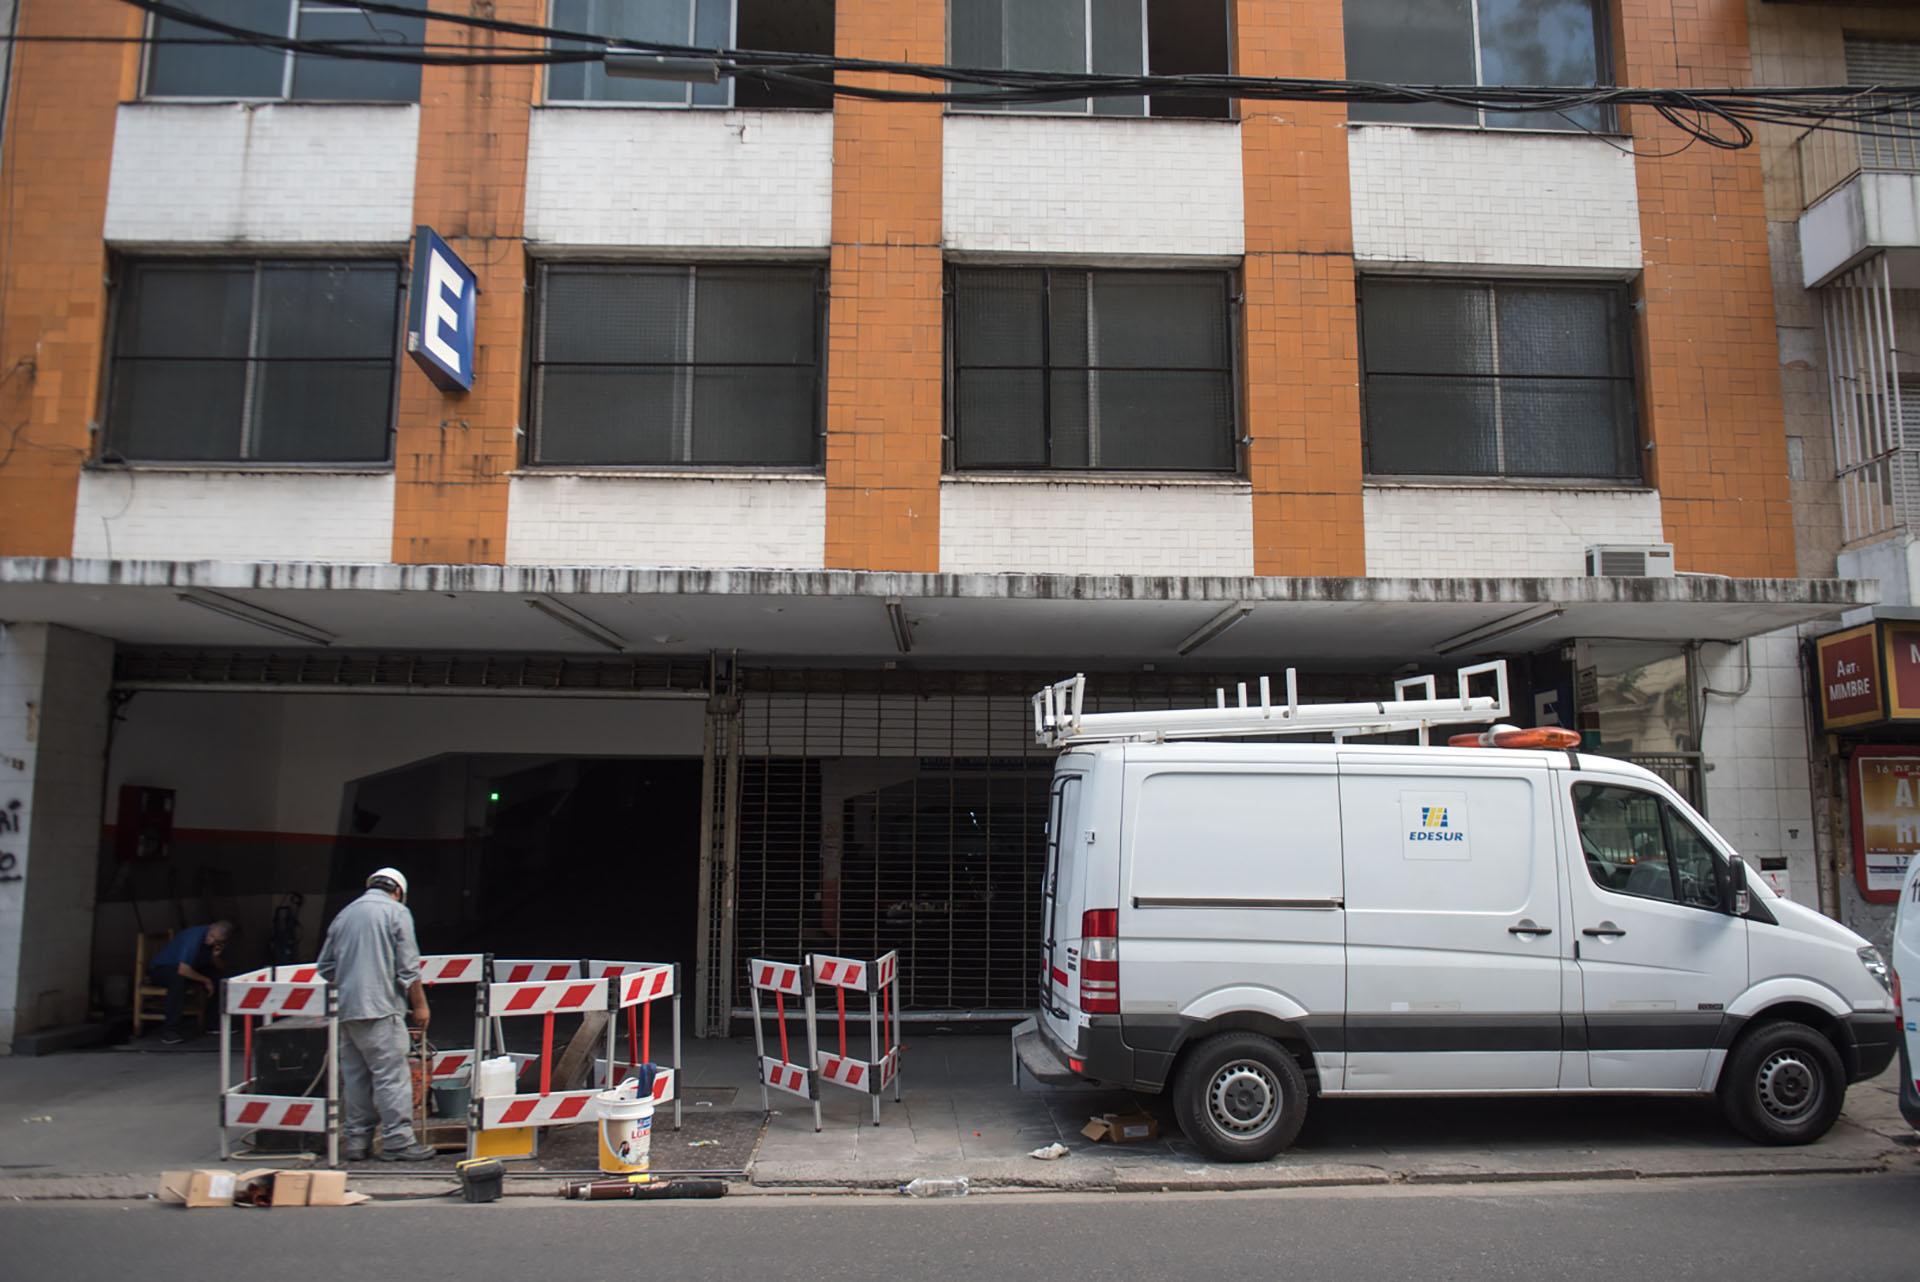 Miles de usuarios están sin suministro eléctrico (foto de archivo: Guillermo Llamos)